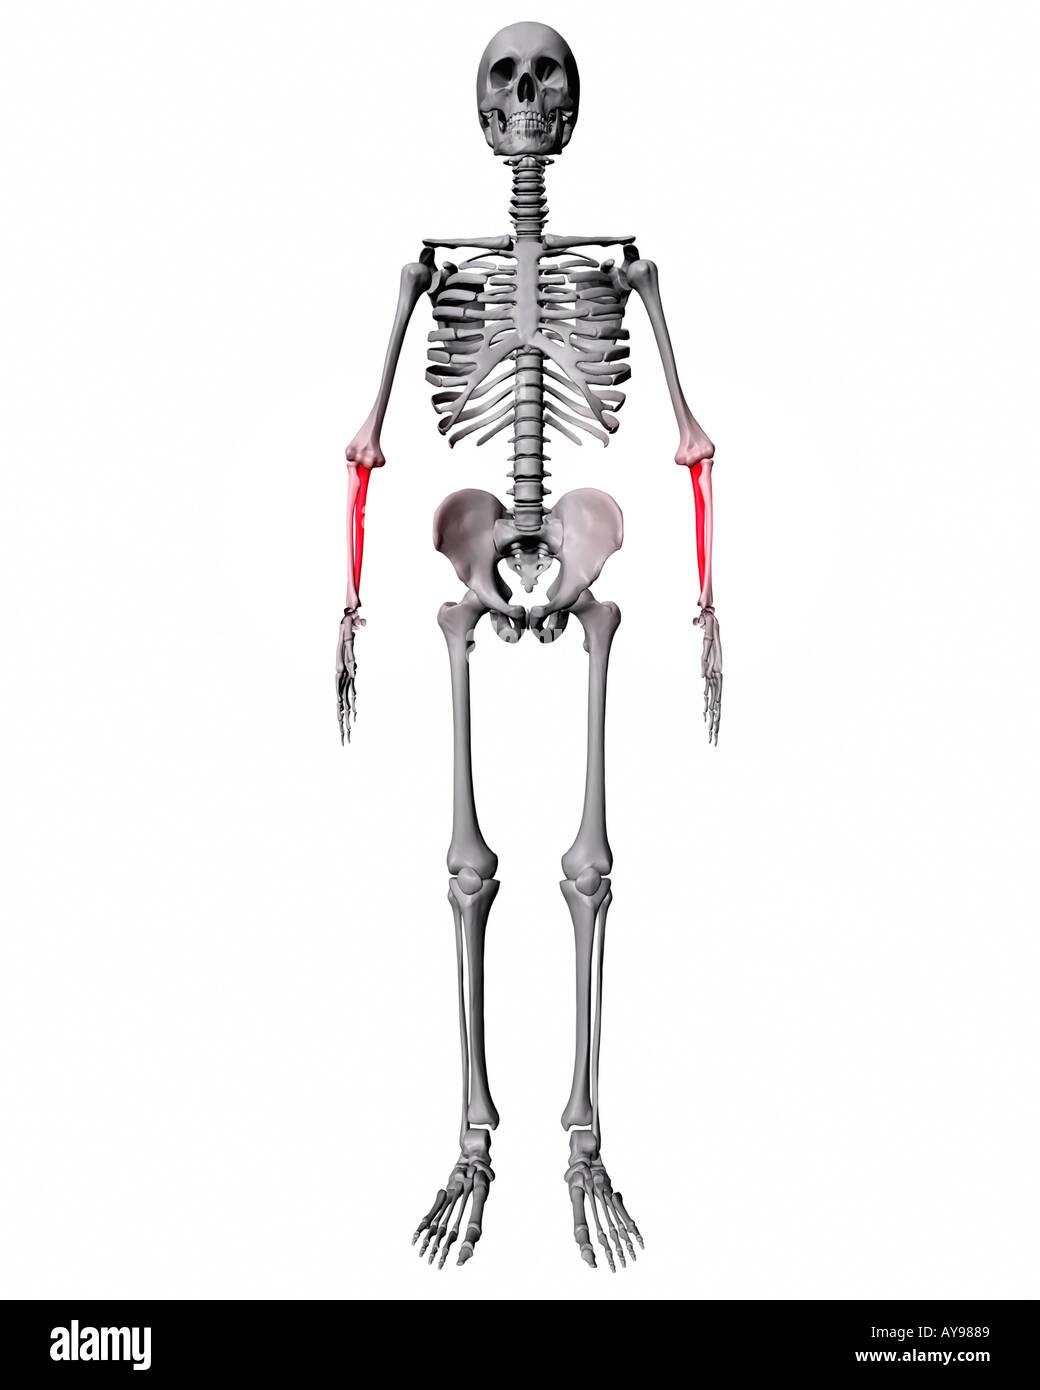 Ulna Bone Stockfotos & Ulna Bone Bilder - Seite 2 - Alamy